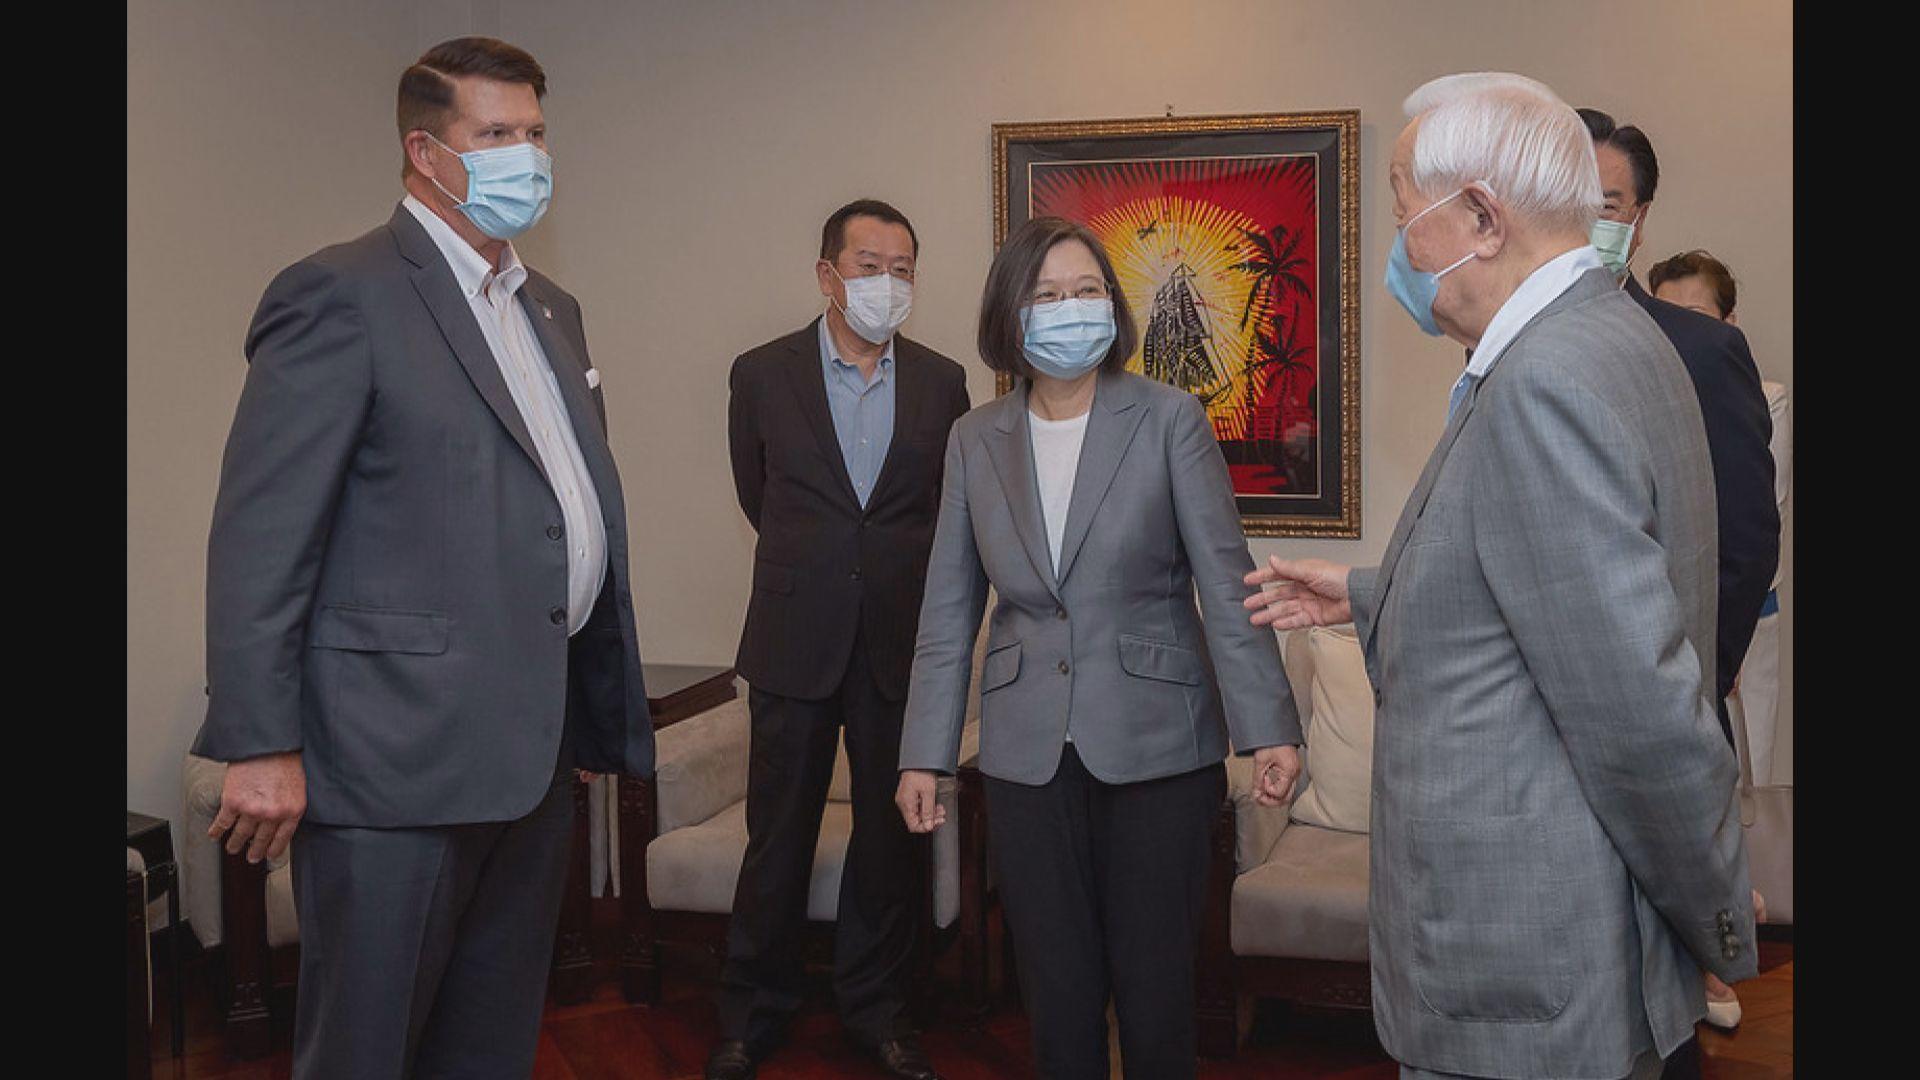 蔡英文總統宴請美國副國務卿克拉奇